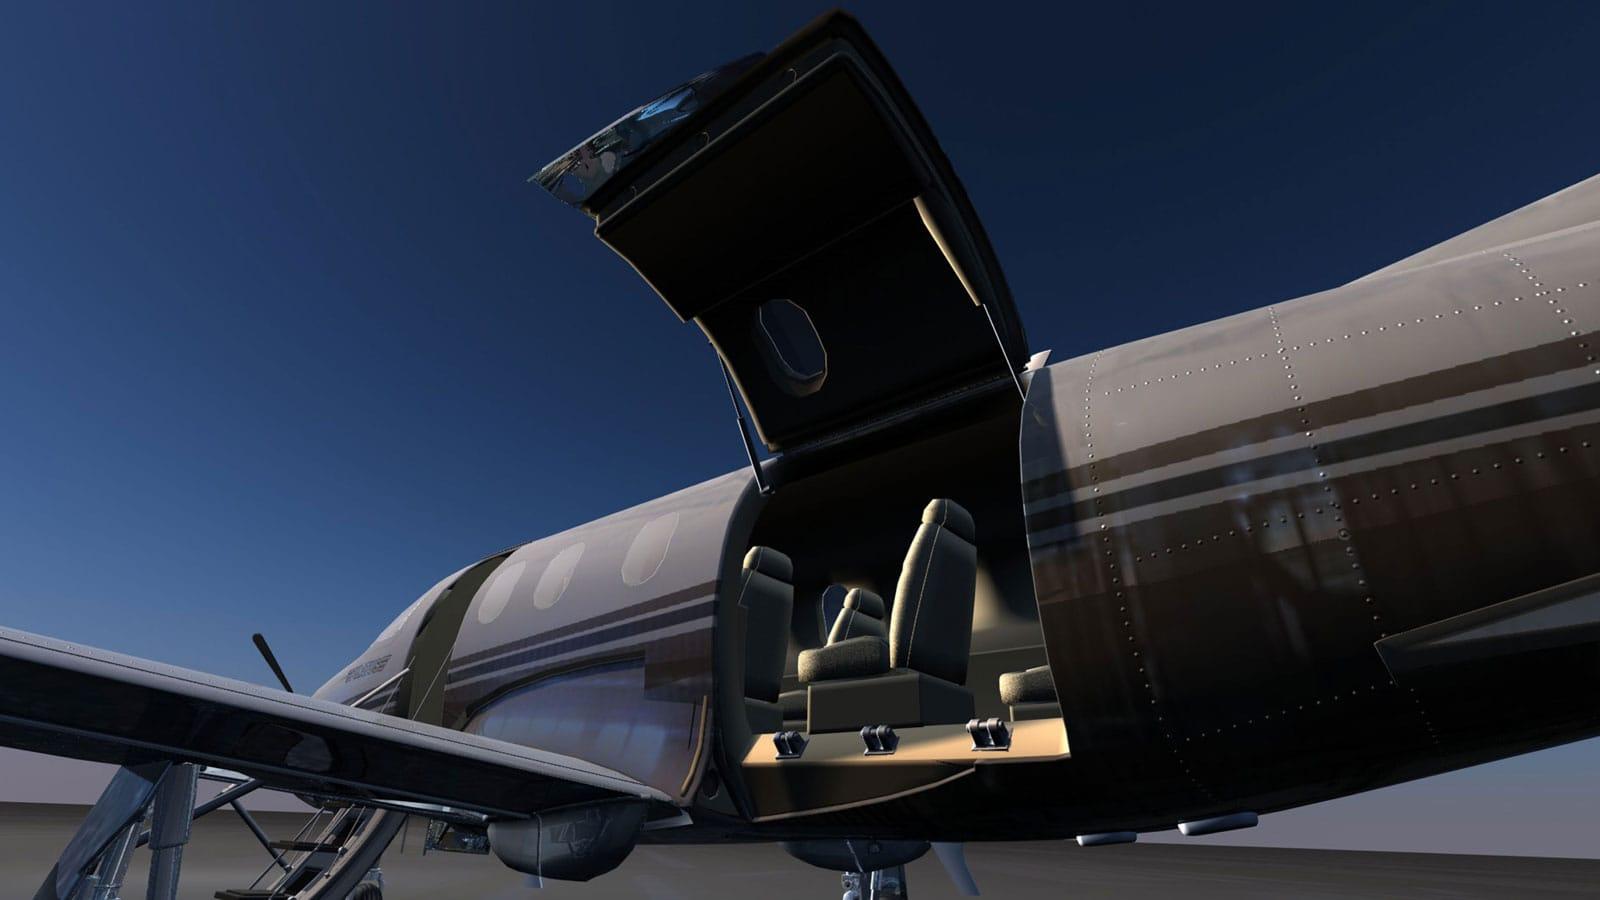 2016 Pilatus Concept Render Girraphic 3